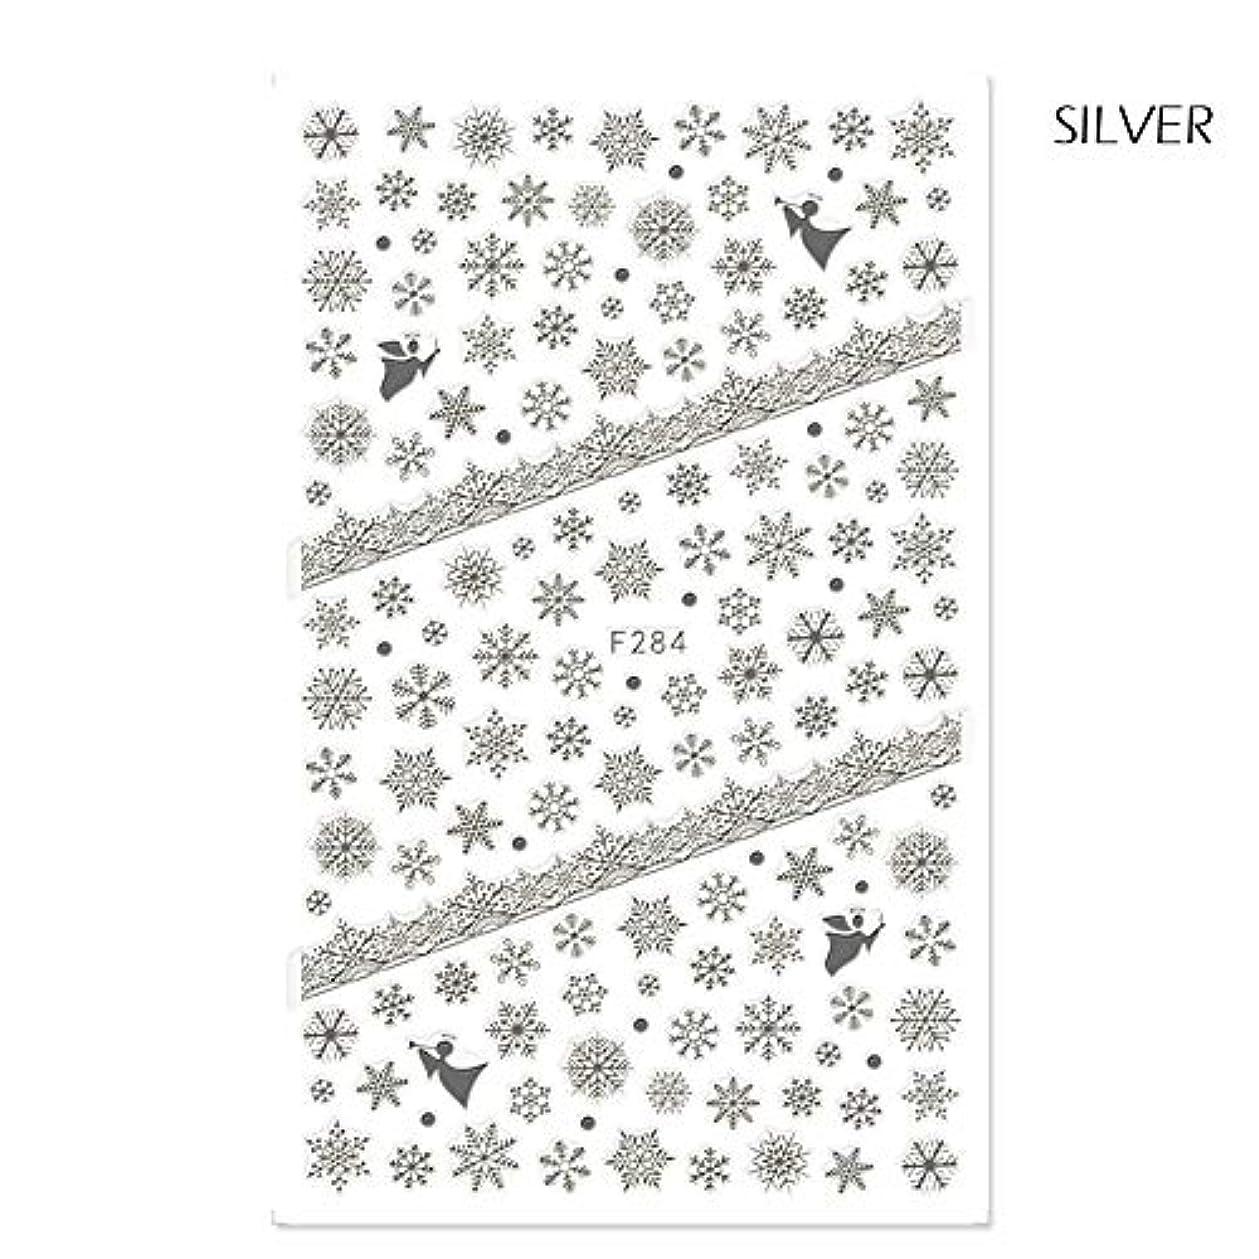 ボットリーズ比率1シート3dクリスマスデザイン粘着ステッカー用ネイルゴールドブルーネイルアート転写デカール雪の花の装飾かわいいヒントSAF284シルバー